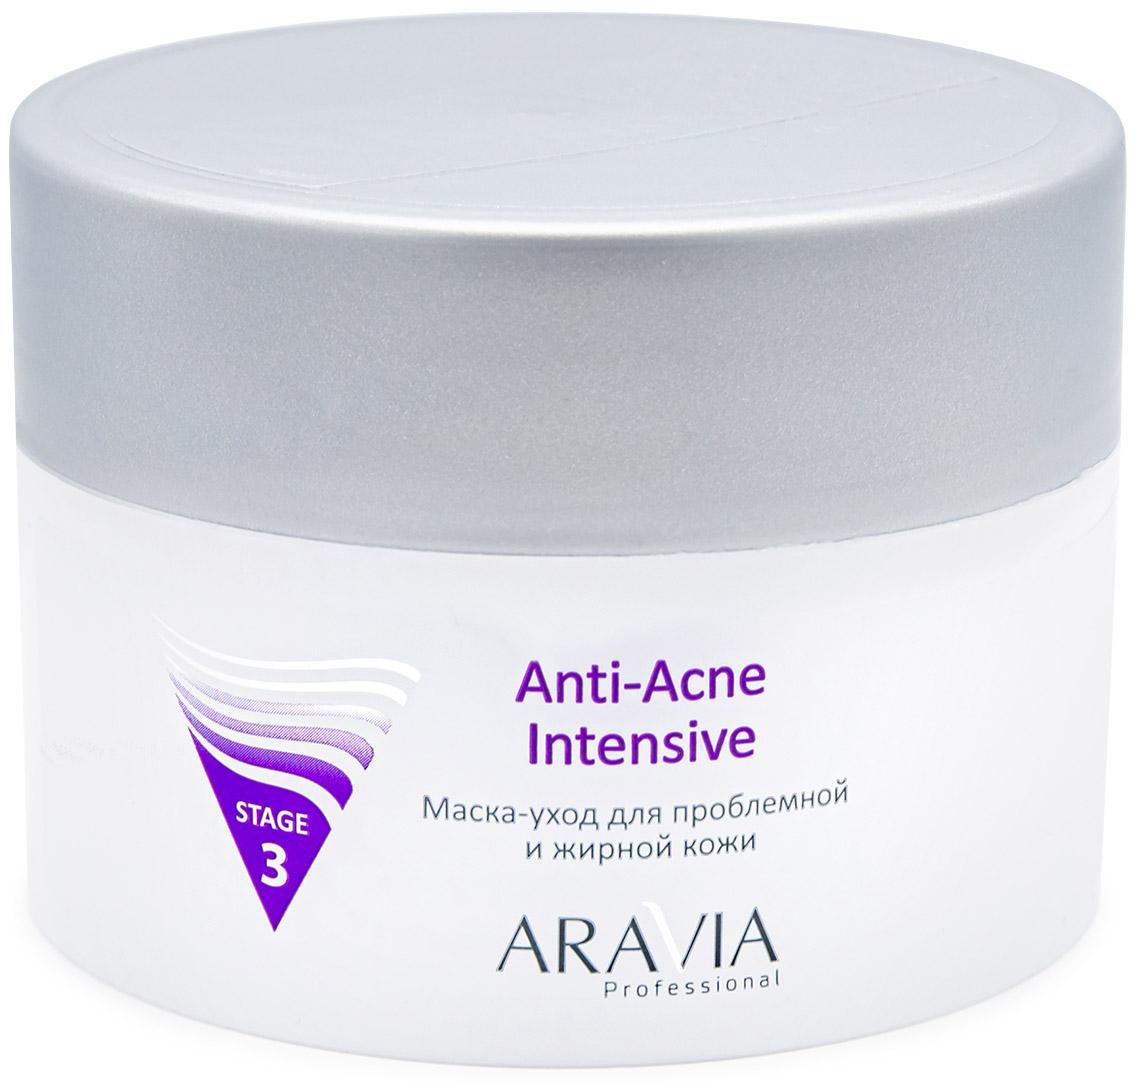 Купить Aravia Professional Маска-уход для проблемной и жирной кожи Anti-Acne Intensive, 150 мл (Aravia Professional, Уход за лицом), Россия